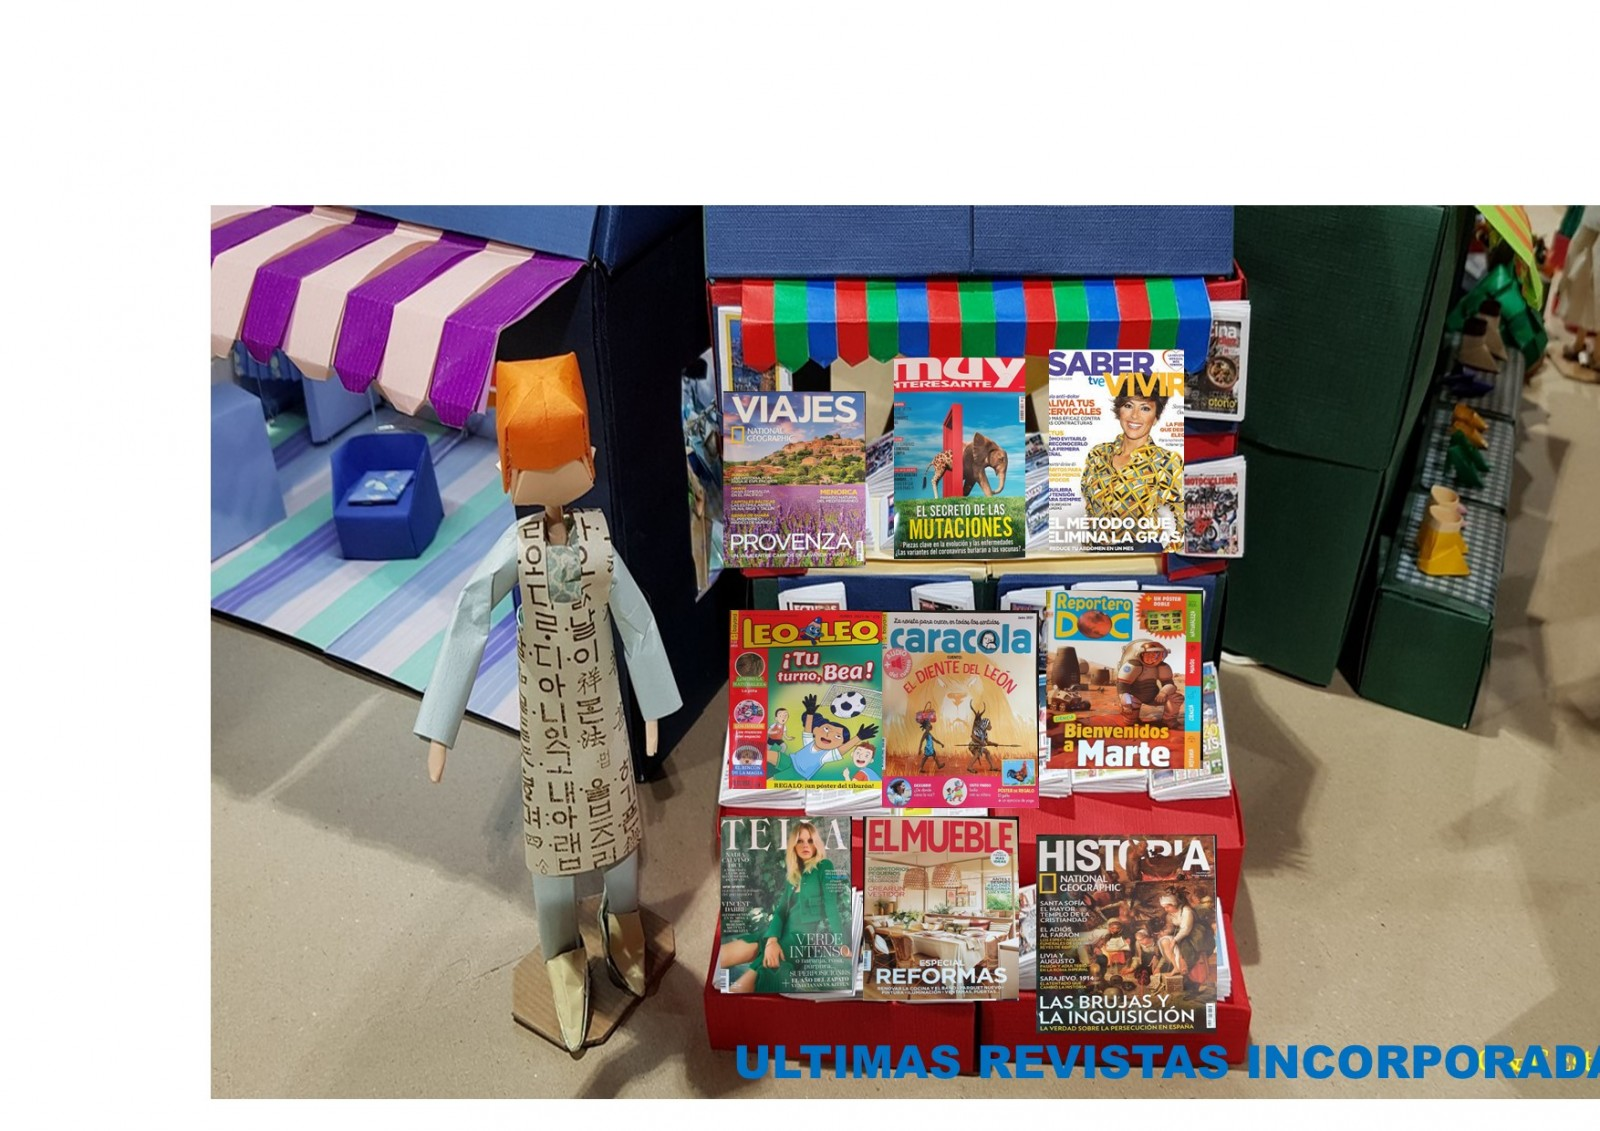 Ultimas revistas incorporadas